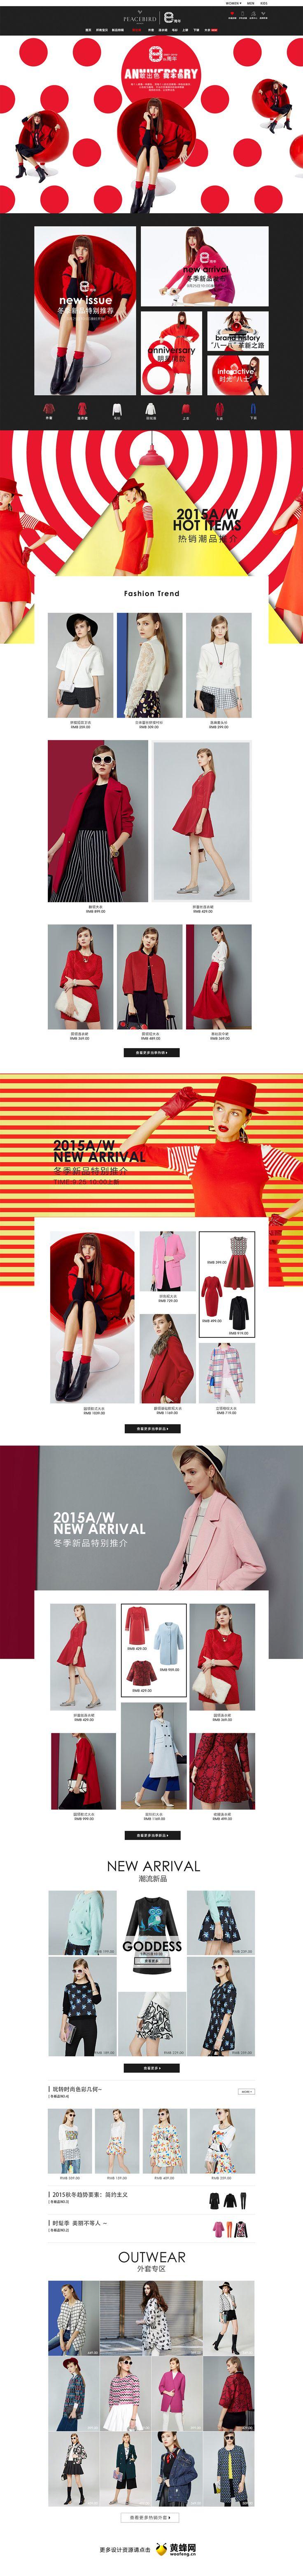 太平鸟女装店铺首页设计,来源自黄蜂网http://woofeng.cn/